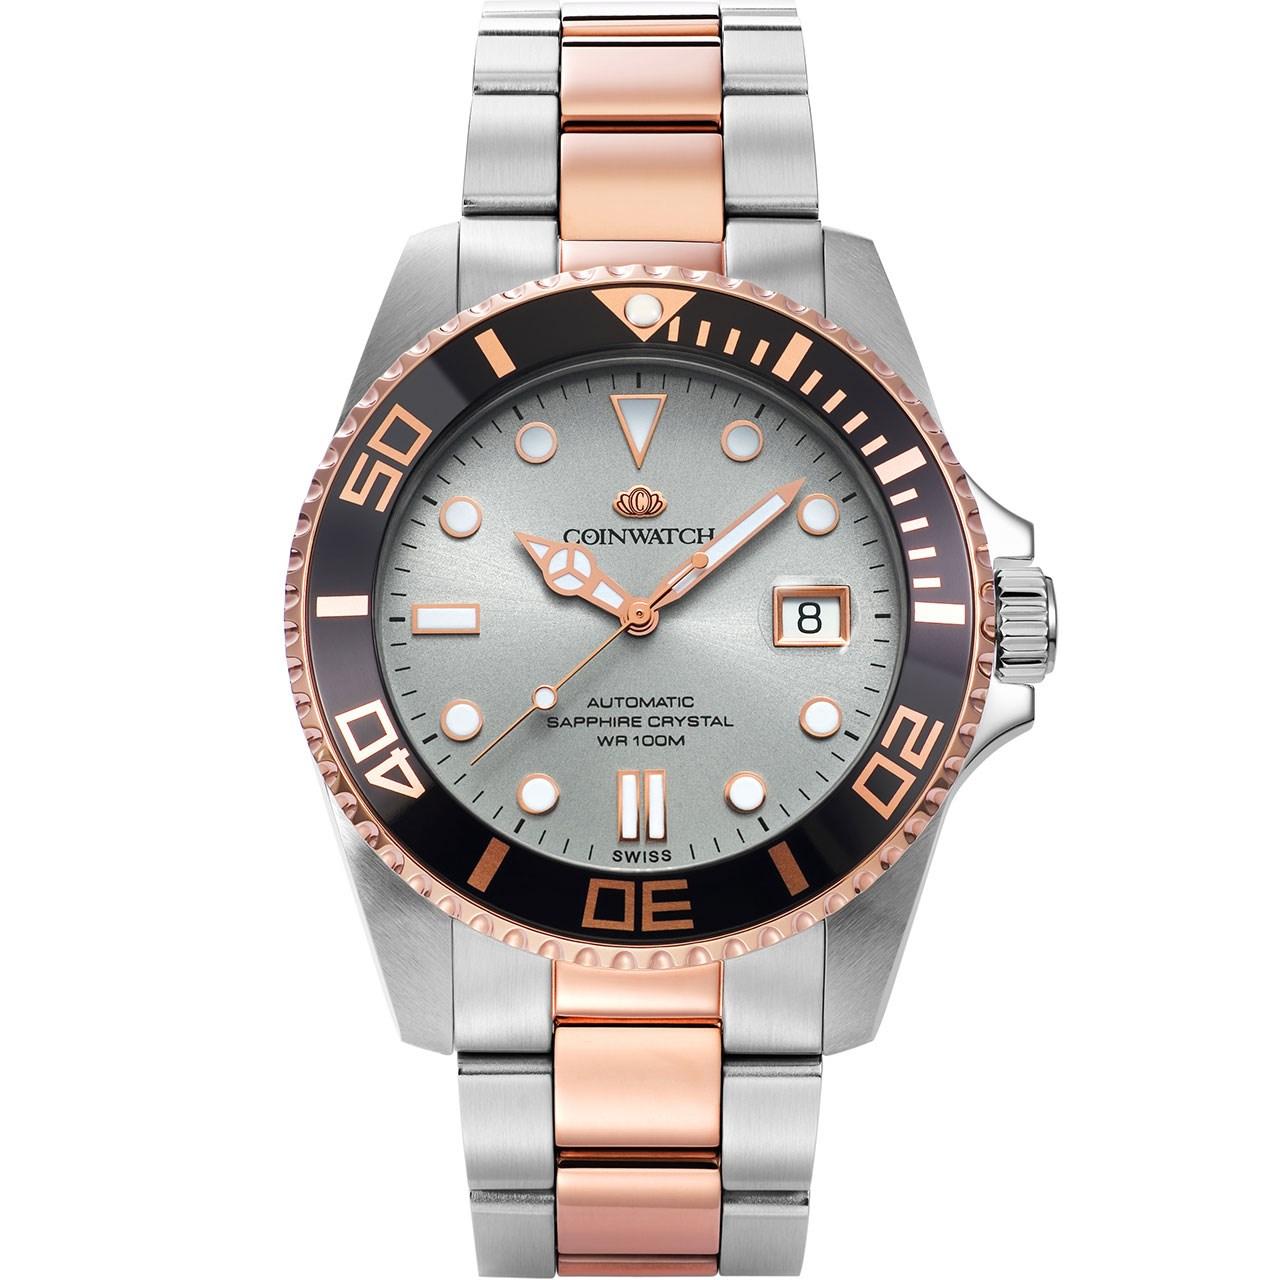 ساعت مچی عقربه ای مردانه کوین واچ مدل C105RGY 6